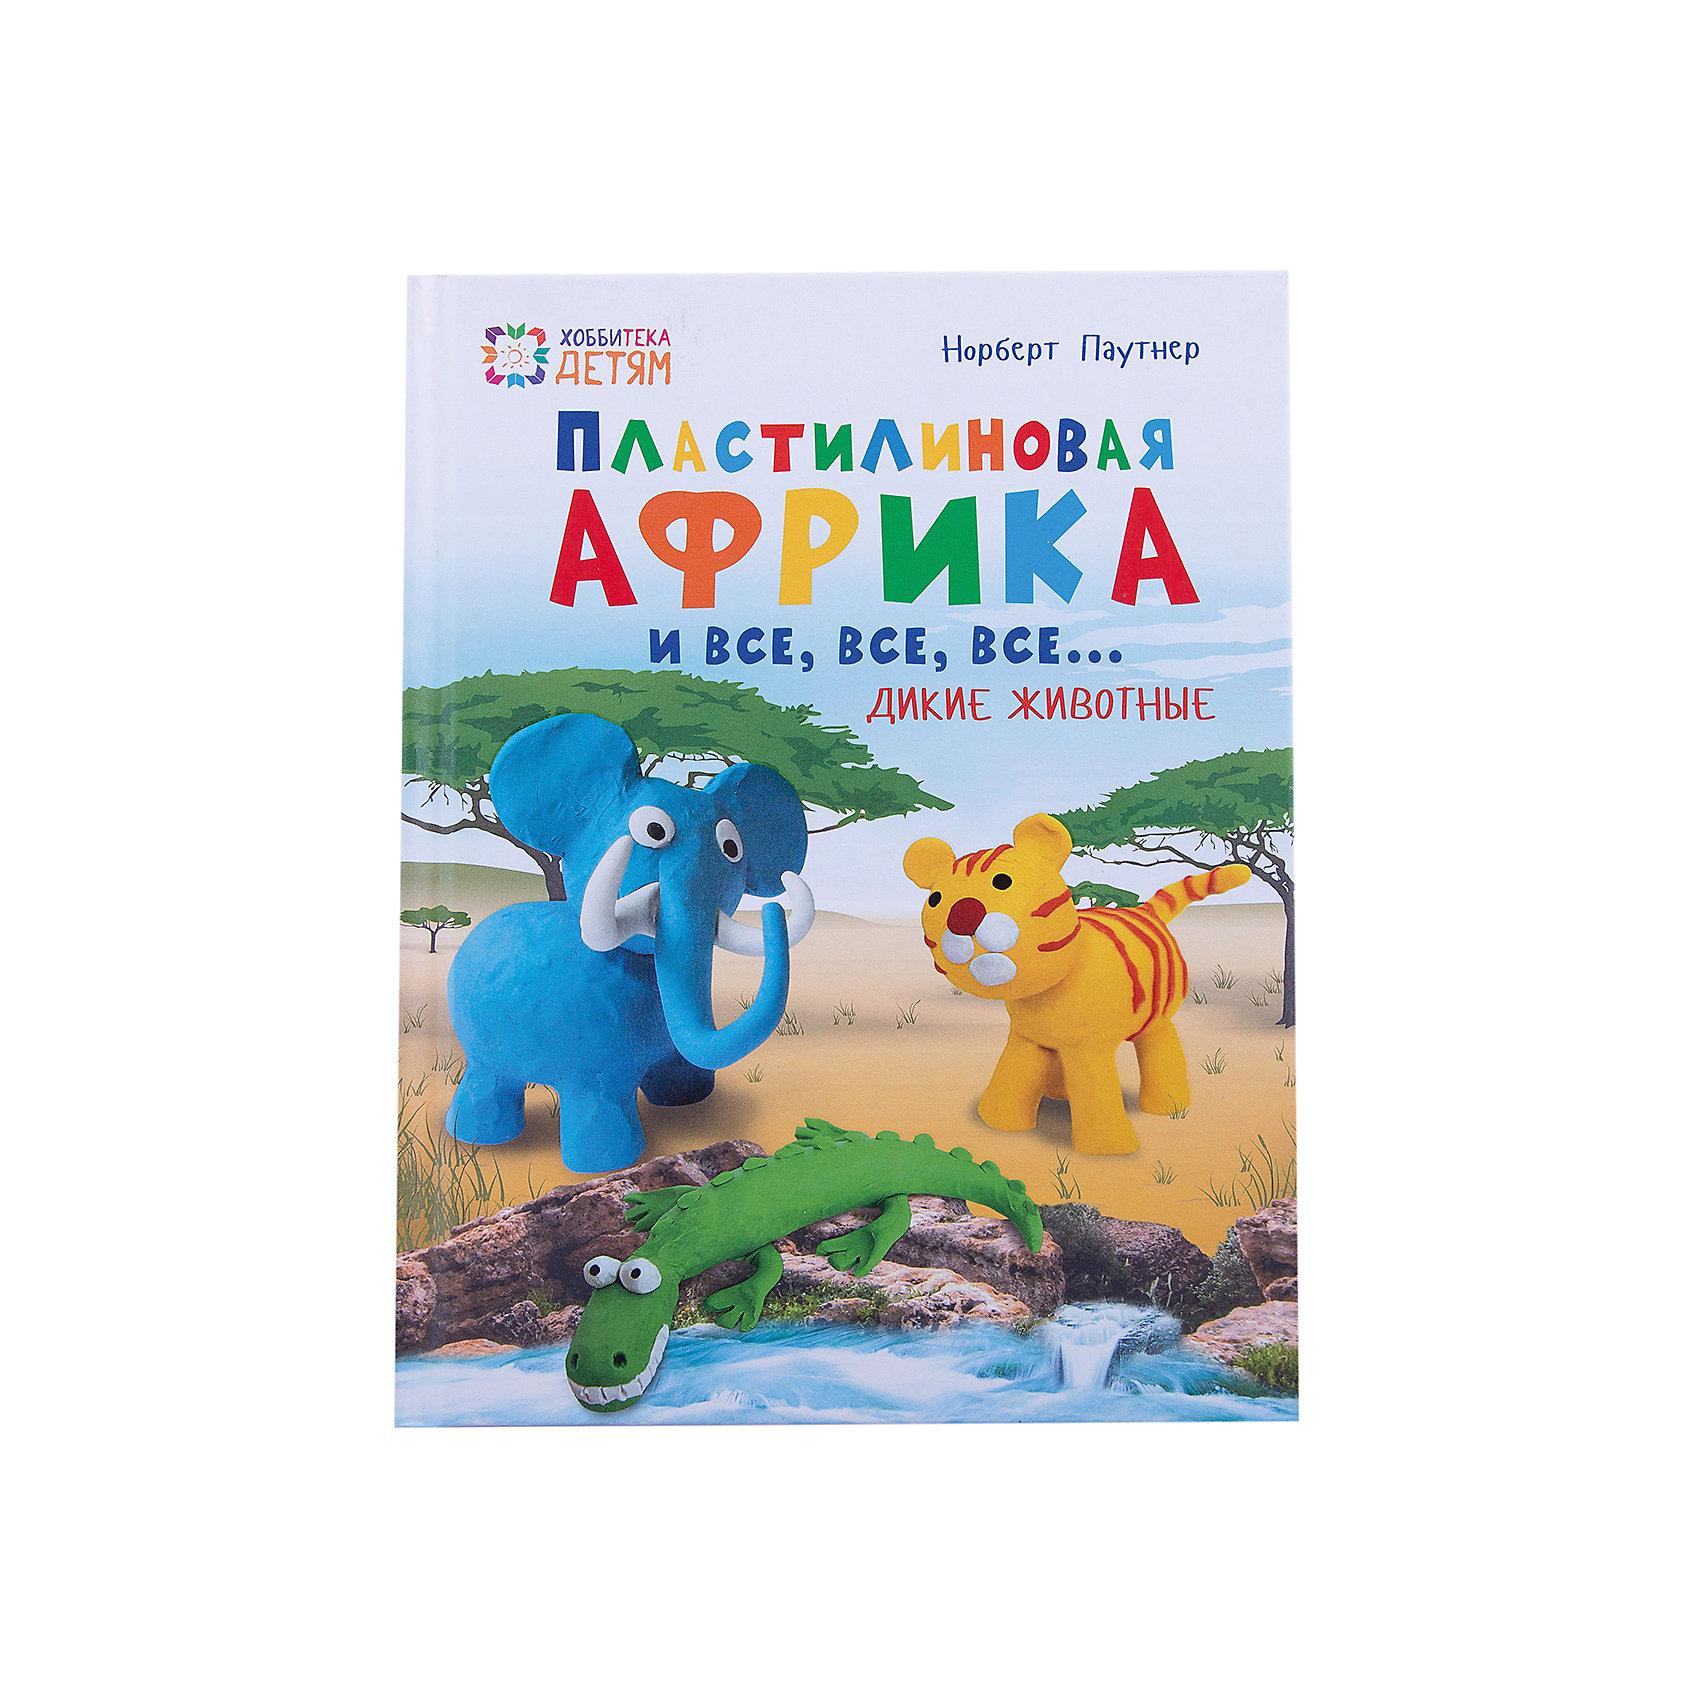 Книга Пластилиновая Африка и все, все, все... Дикие животныеКнига Пластилиновая Африка и все, все, все... Дикие животные - эта увлекательная познавательная книга надолго займет вашего ребенка.<br>Открой эту замечательную книгу и начни путешествие по морям и континентам нашей планеты. И за время своей кругосветки ты узнаешь много интересного. Над кем смеётся рыбка-клоун? Как высоко прыгает кенгуру? Так ли уж ленив ленивец? И кого же всё-таки боится царь зверей? А чтобы вернуться домой не с пустыми руками, слепи самых интересных животных из пластилина. Поверь, с нашей книгой сделать это очень просто. Читай, играй, узнавай и твори мир своими руками.<br><br>Дополнительная информация:<br><br>- Содержание: Лепим пластилиновых зверей; Как устроена книга; Лев; Крокодил; Слон; Жираф; Носорог; Орангутанг; Тигр; Кобра; Кенгуру; Летучая мышь; Панда; Ленивец; Черепаха; Белый медведь; Тюлень; Осьминог; Акула; Рыба-клоун<br>- Автор: Паунтер Норберт<br>- Переводчик: Логвинова И. В.<br>- Издательство: АСТ-Пресс, 2015 г.<br>- Серия: Детская библиотека увлечений<br>- Тип обложки: 7Бц - твердая, целлофанированная (или лакированная)<br>- Оформление: частичная лакировка<br>- Иллюстрации: цветные<br>- Количество страниц: 44 (офсет)<br>- Размер: 265x205x13 мм.<br>- Вес: 432 гр.<br><br>Книгу Пластилиновая Африка и все, все, все... Дикие животные можно купить в нашем интернет-магазине.<br><br>Ширина мм: 205<br>Глубина мм: 10<br>Высота мм: 266<br>Вес г: 440<br>Возраст от месяцев: 0<br>Возраст до месяцев: 36<br>Пол: Унисекс<br>Возраст: Детский<br>SKU: 4625751